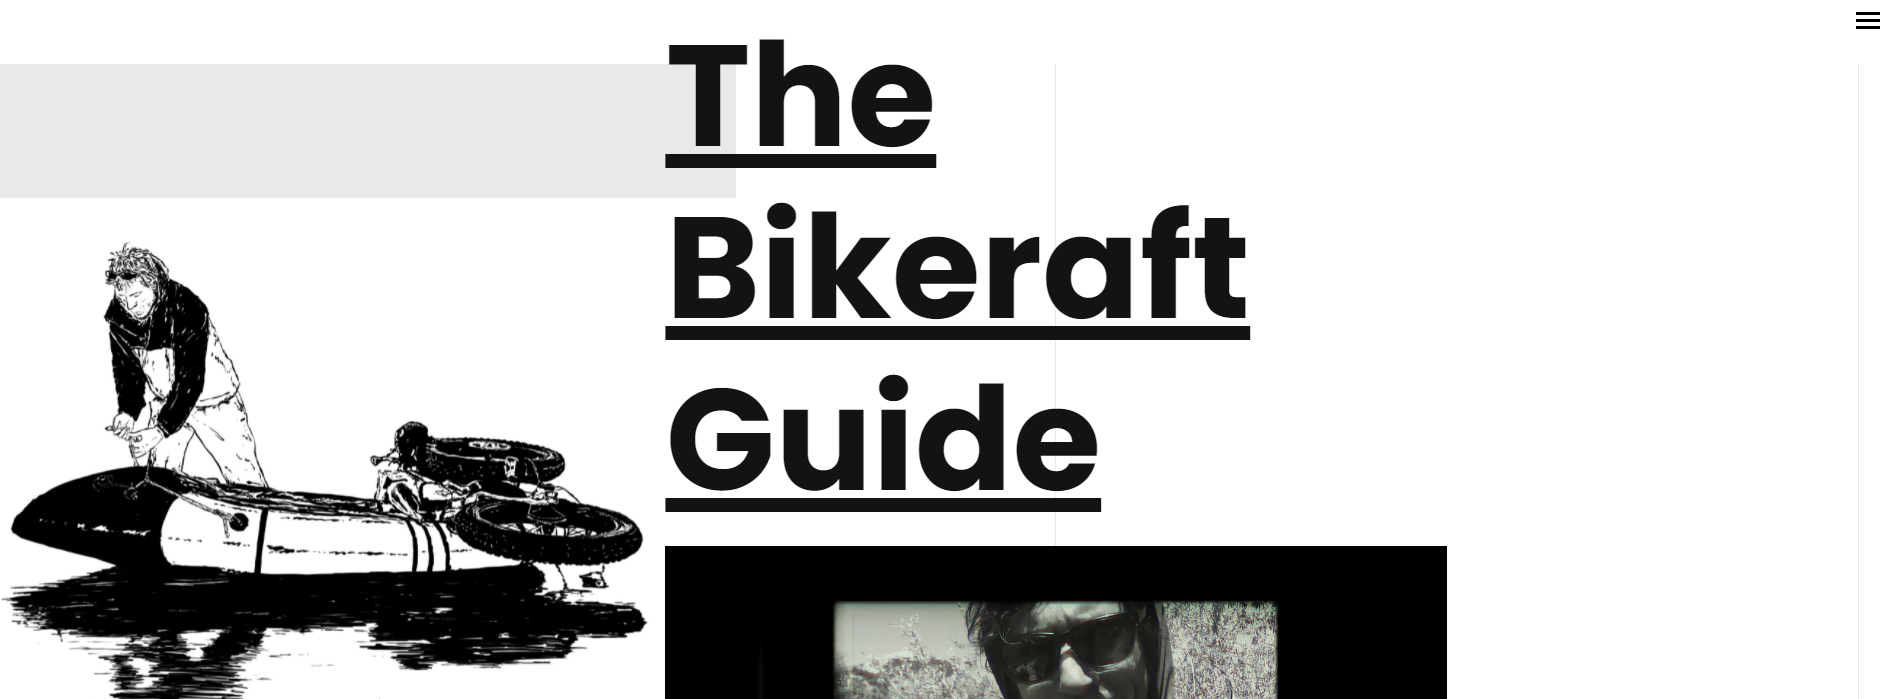 The Bikeraft Guideさんでリストアップしてもらってます